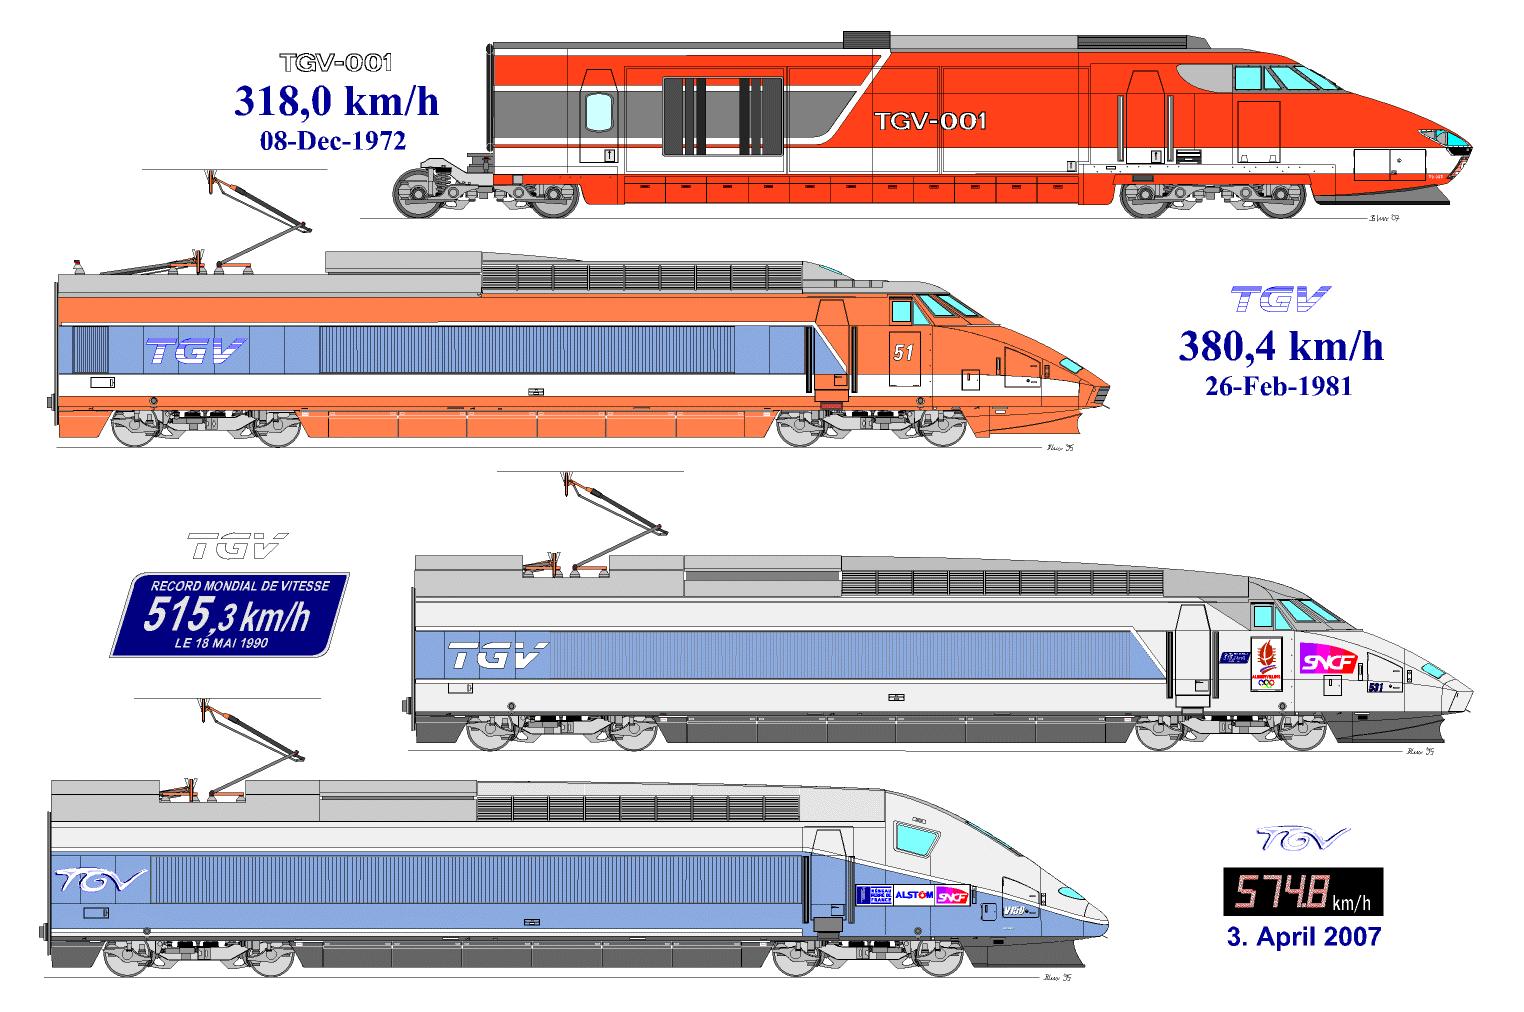 vonat felállítása)